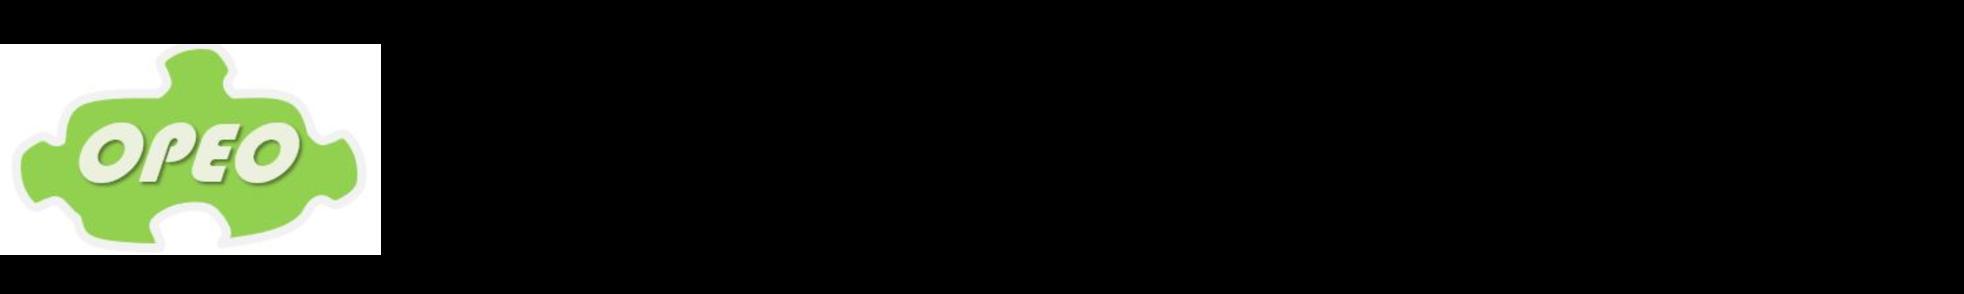 OPEO 折川技術士事務所